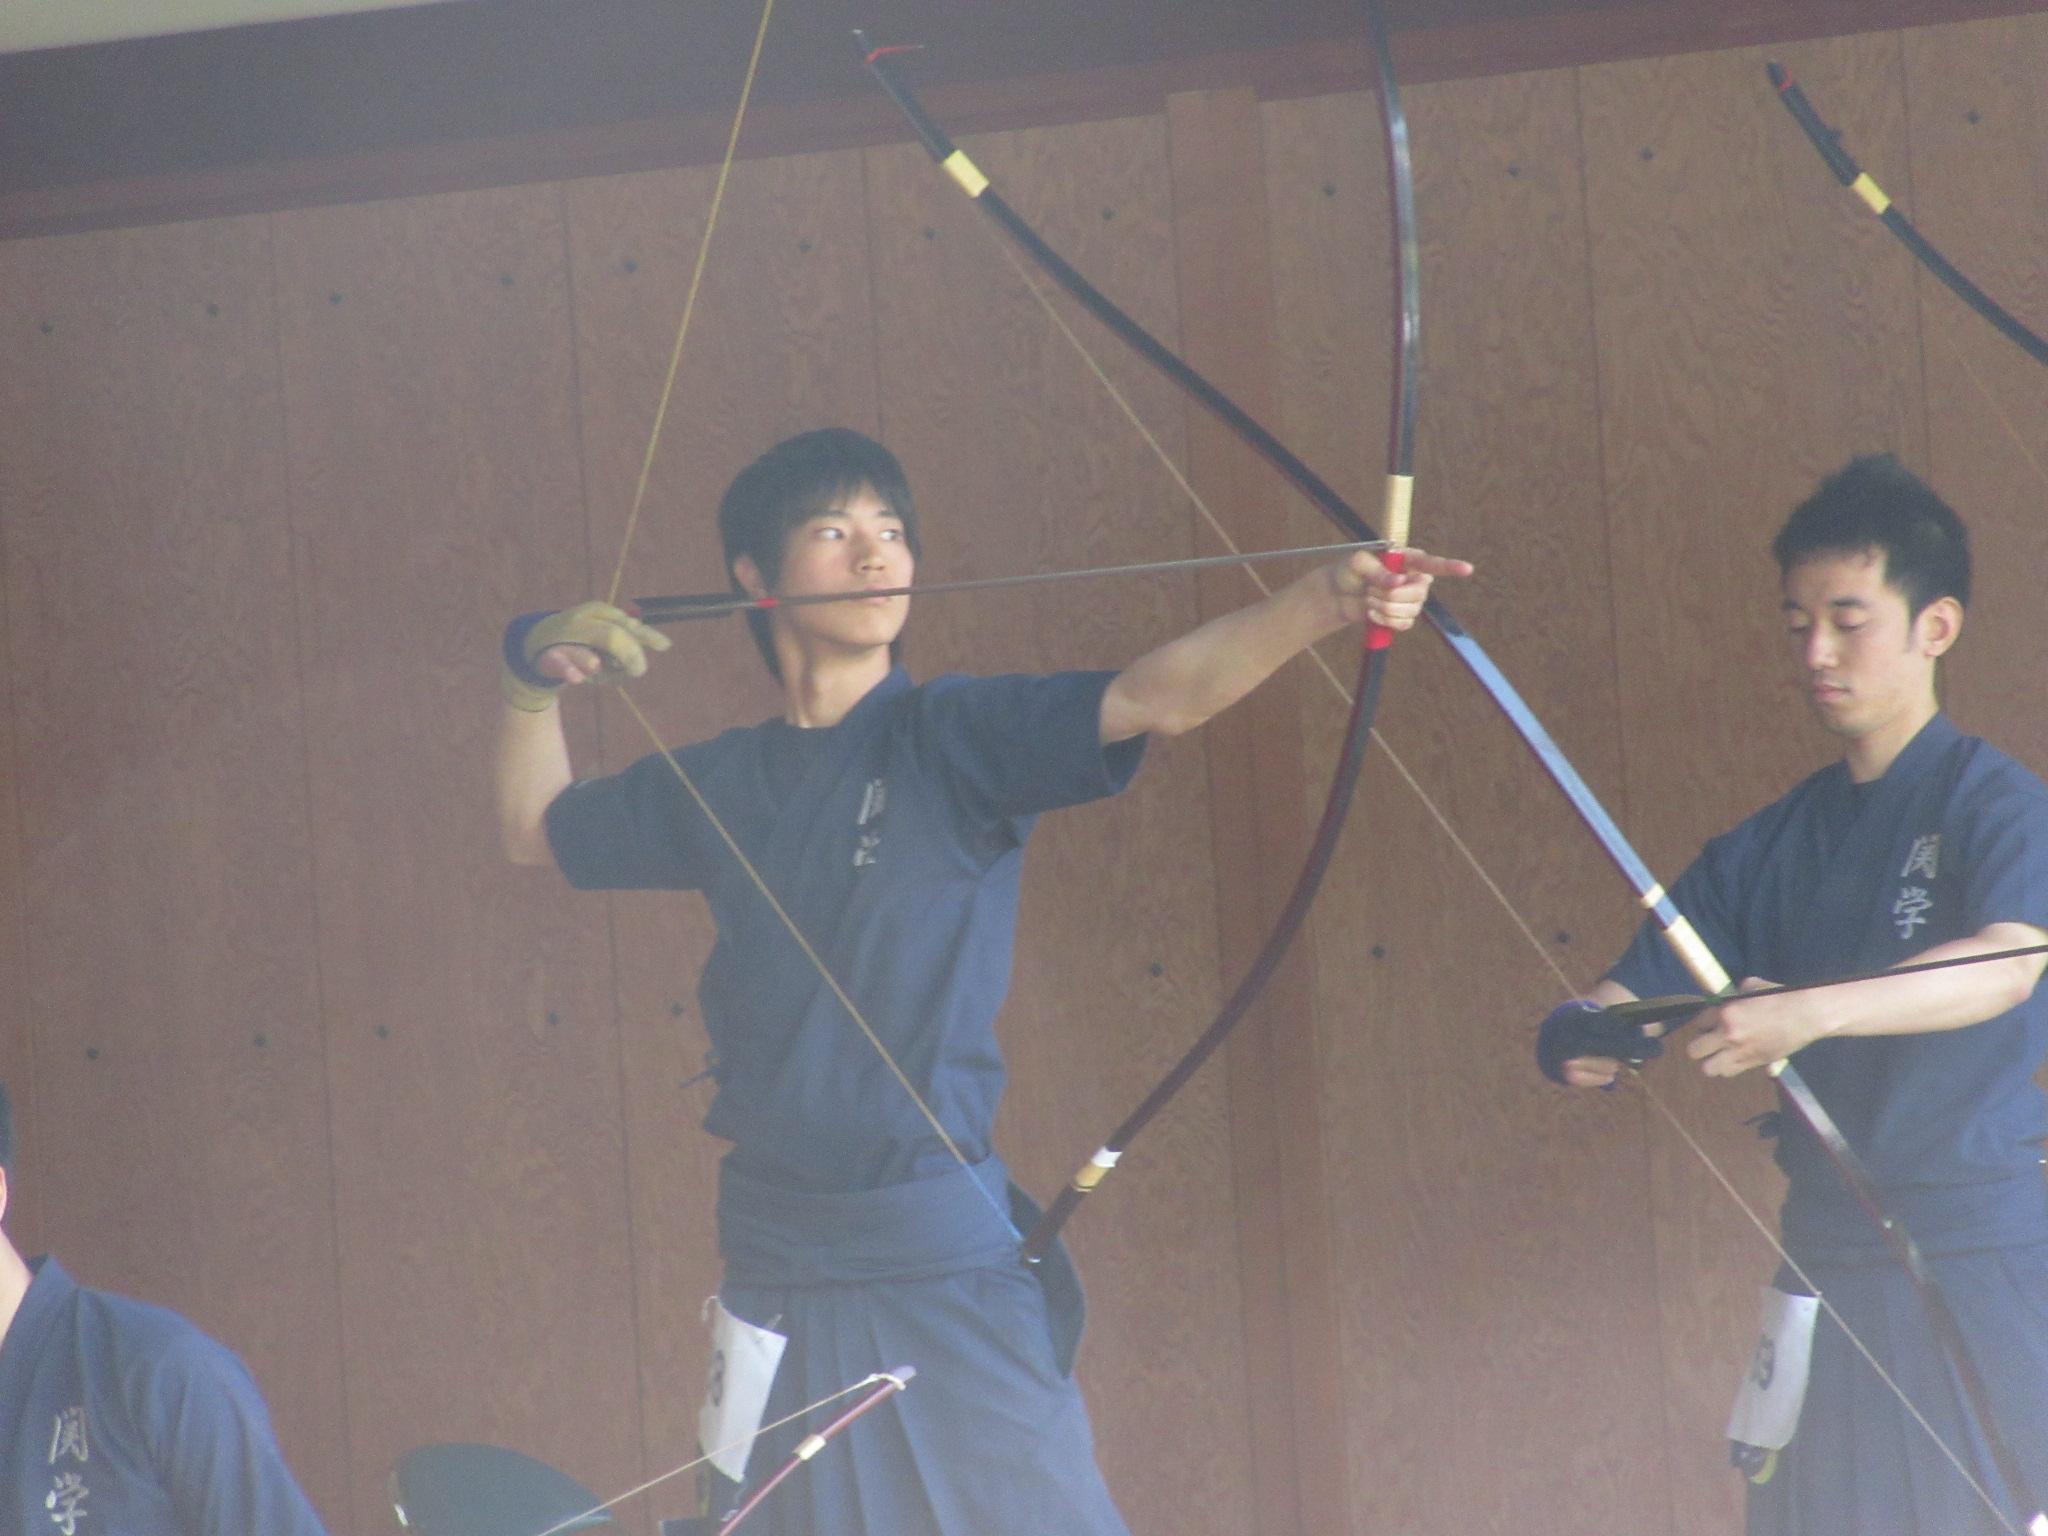 矢野昂(2)兵庫学連で活躍しました